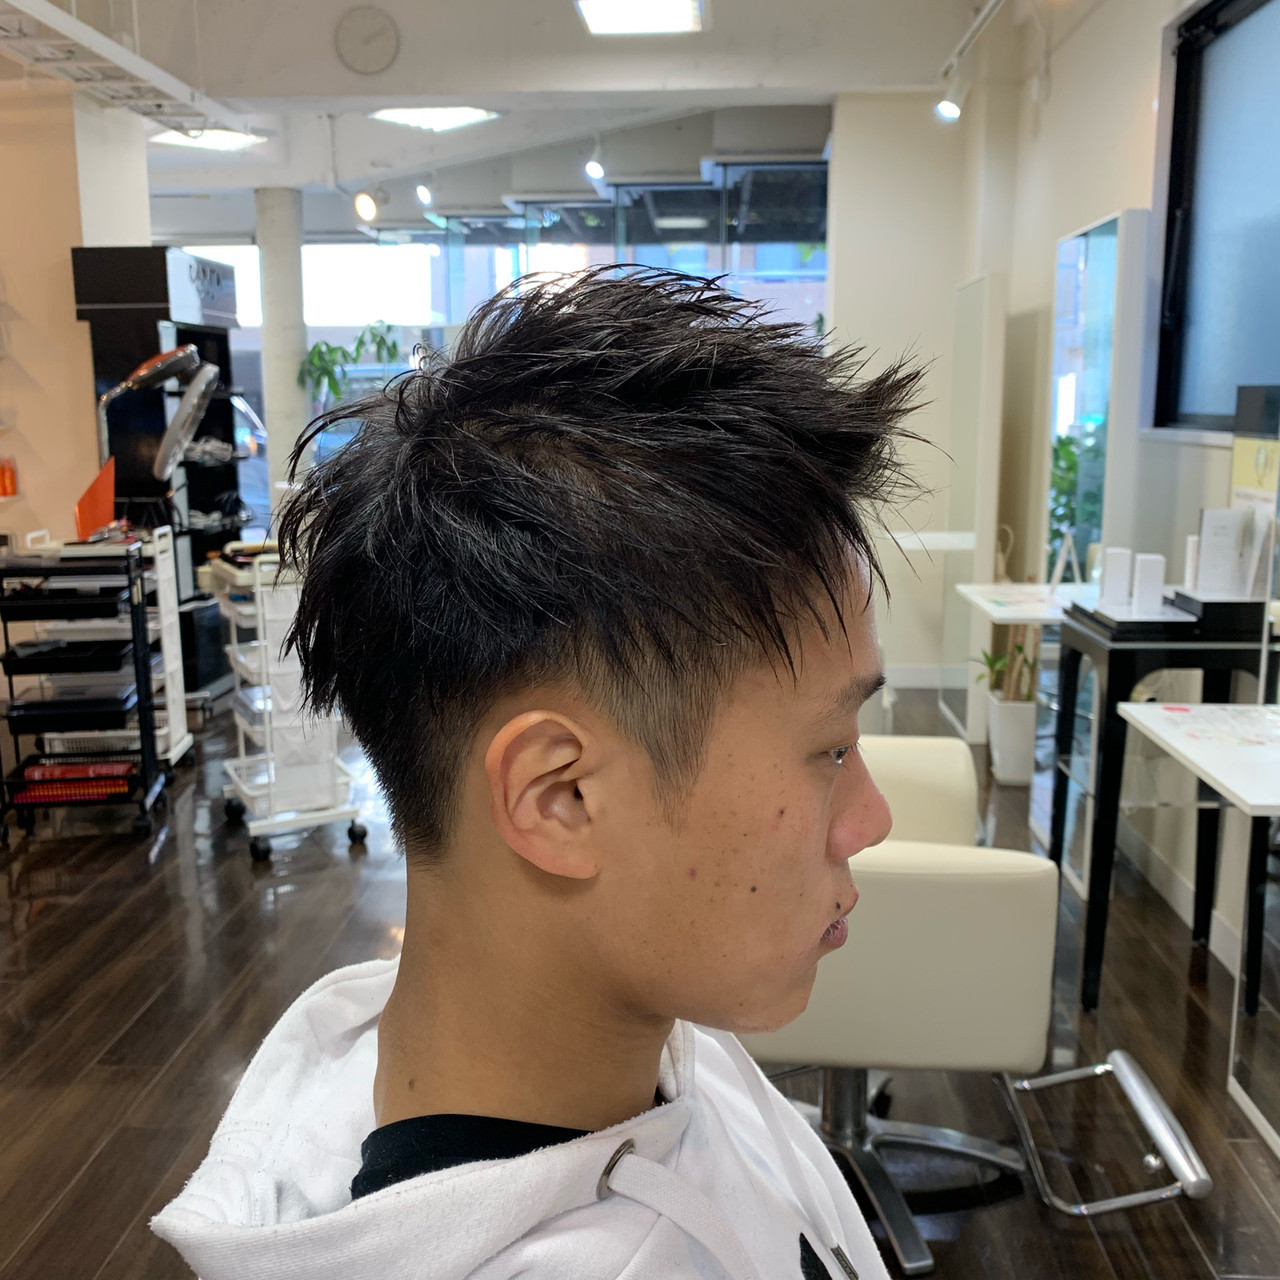 ナチュラル メンズヘア アップバング ツーブロック ヘアスタイルや髪型の写真・画像